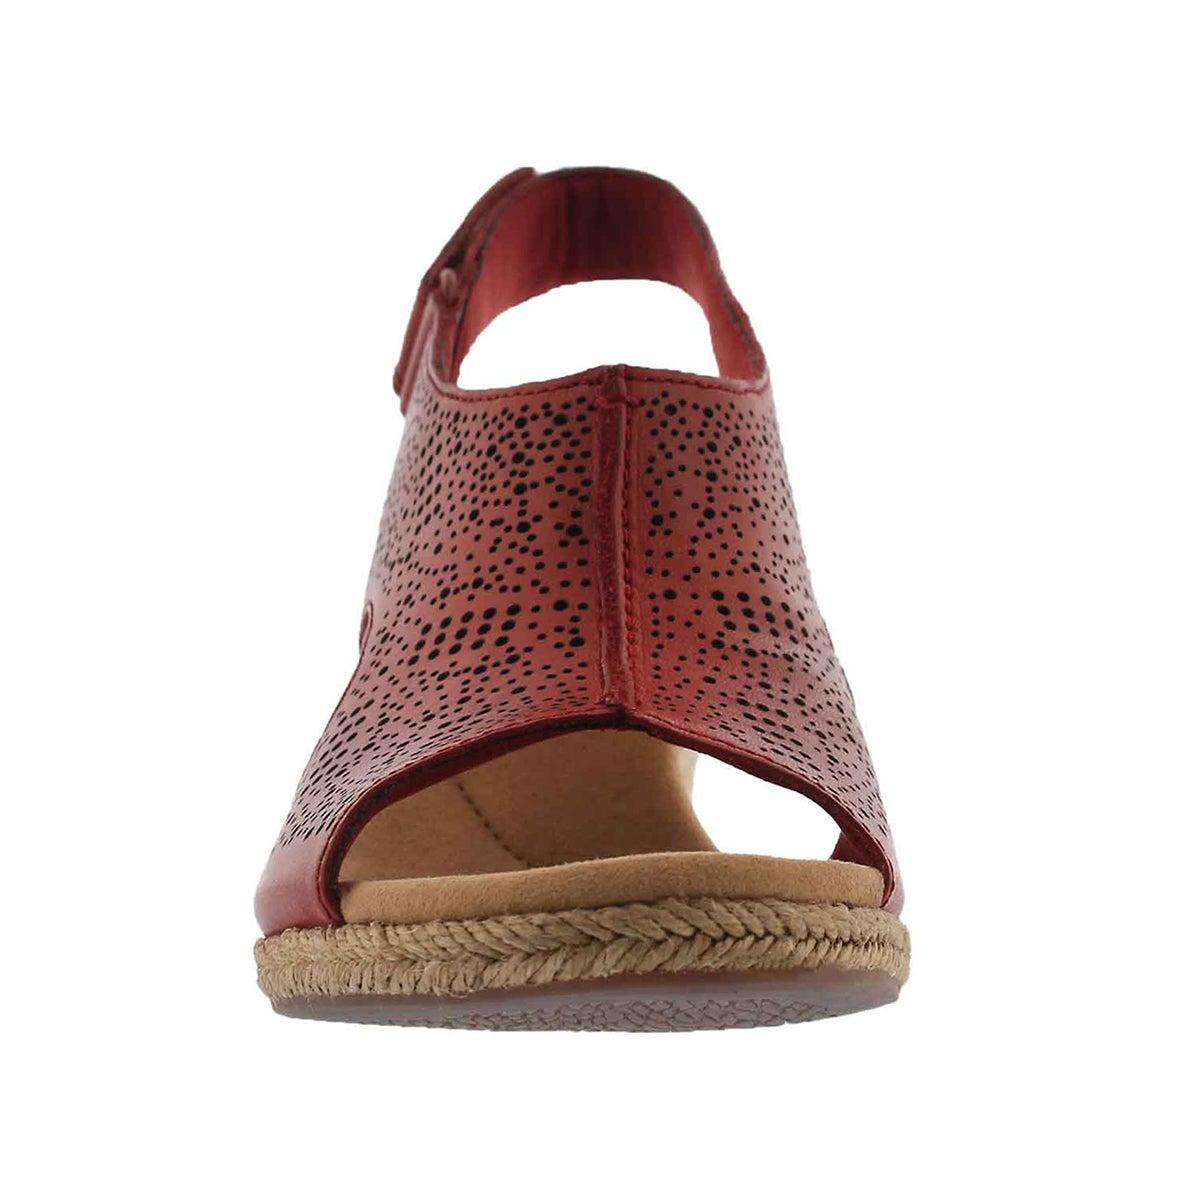 Lds Lafley Rosen red wedge sandal